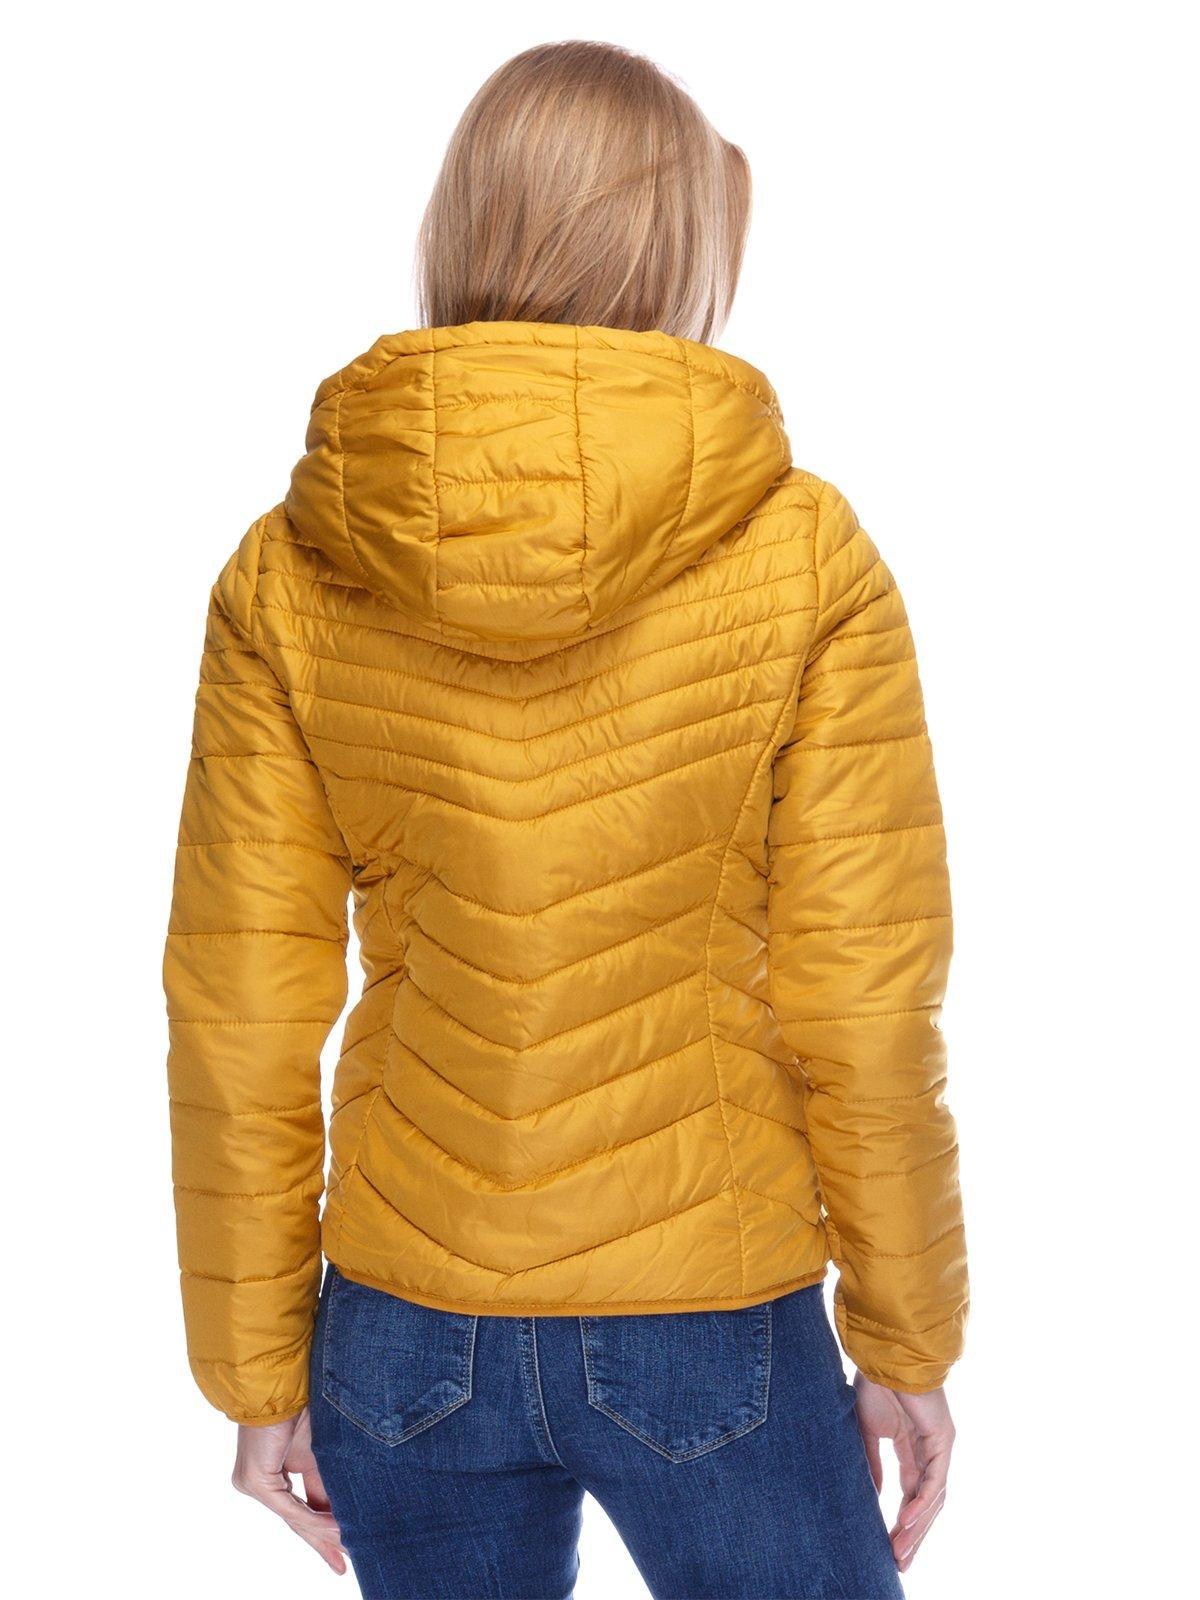 Куртка желтая   3544766   фото 2